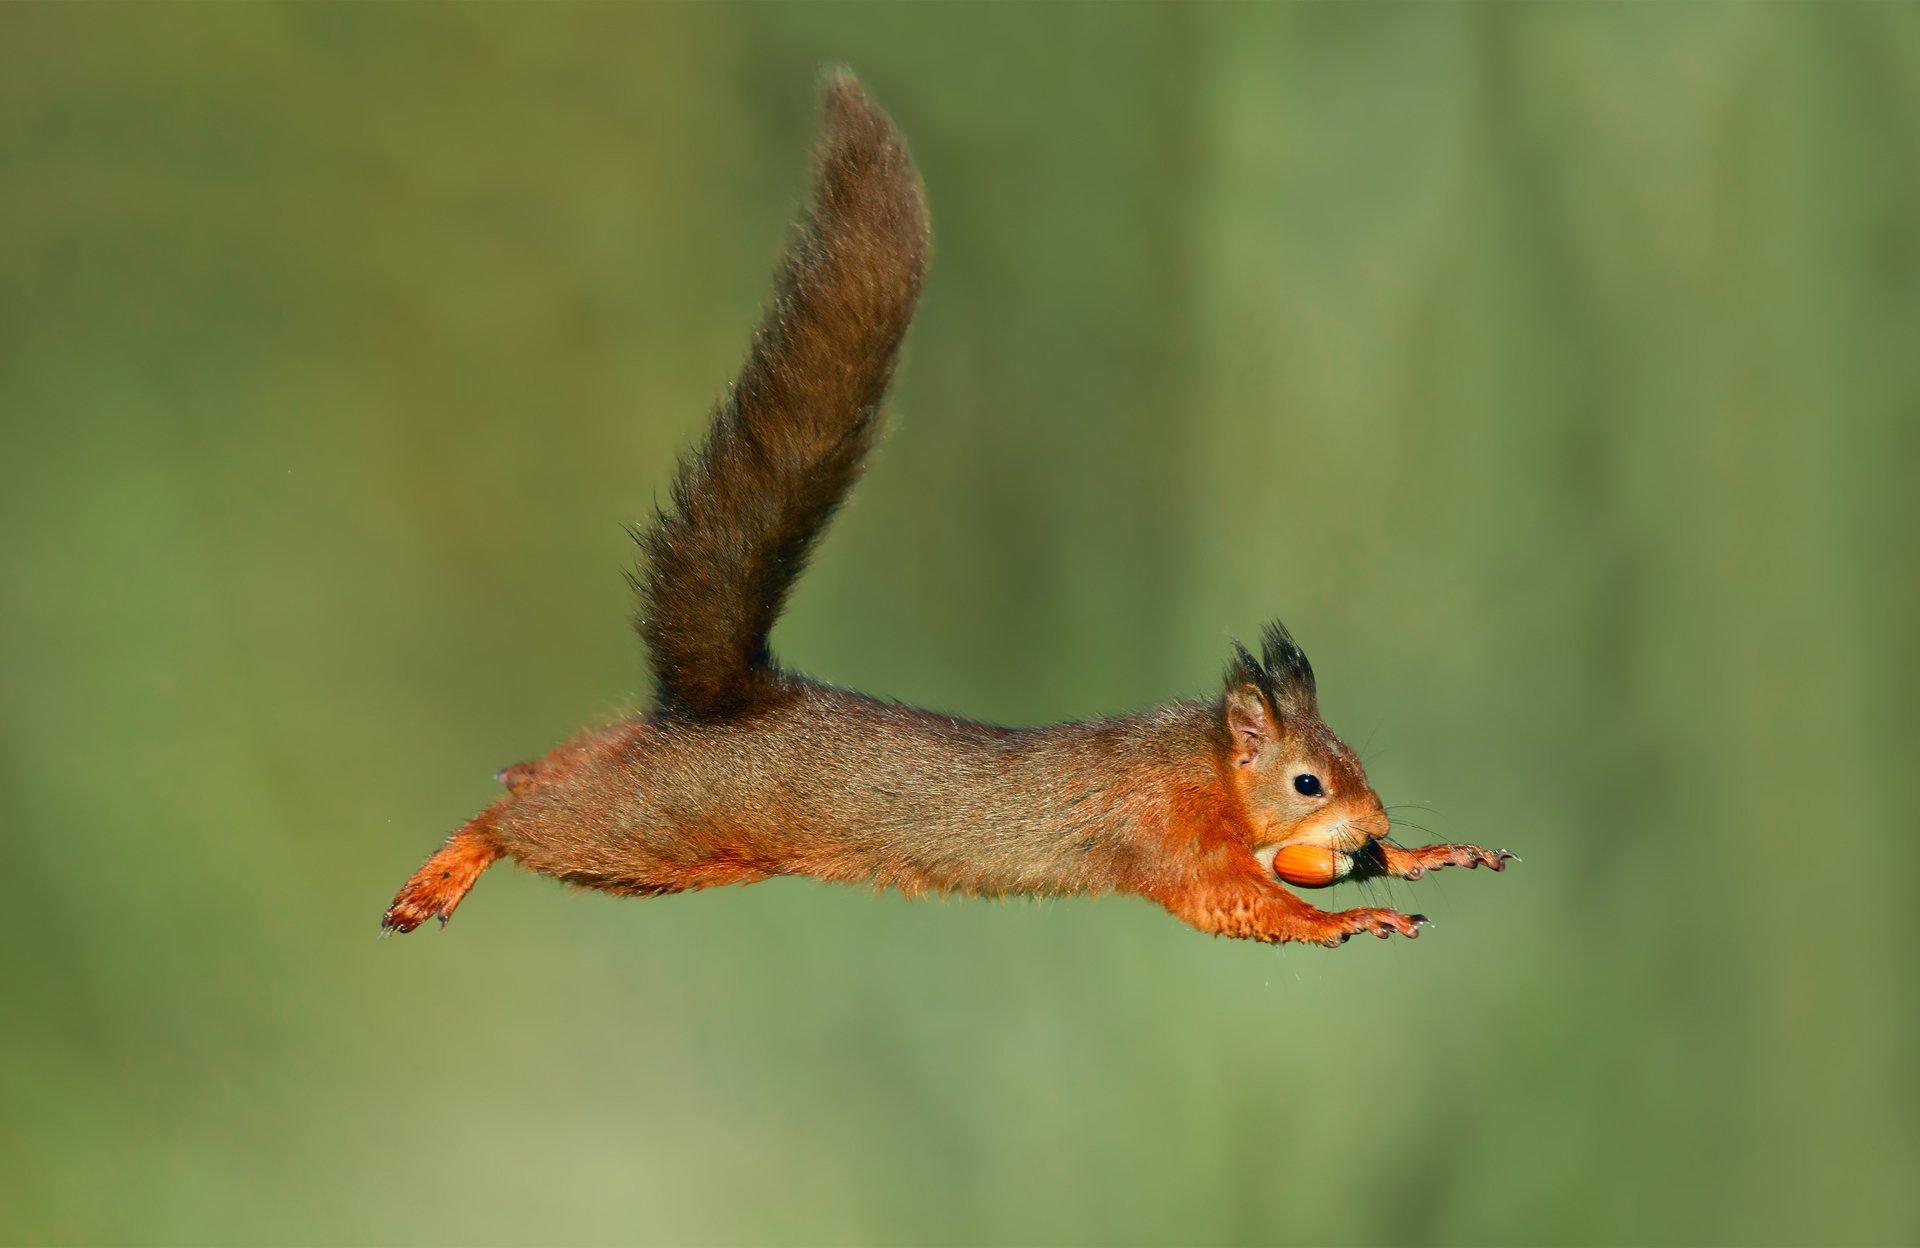 уже выпустили белки которые летают фото побегов гибнет молодом